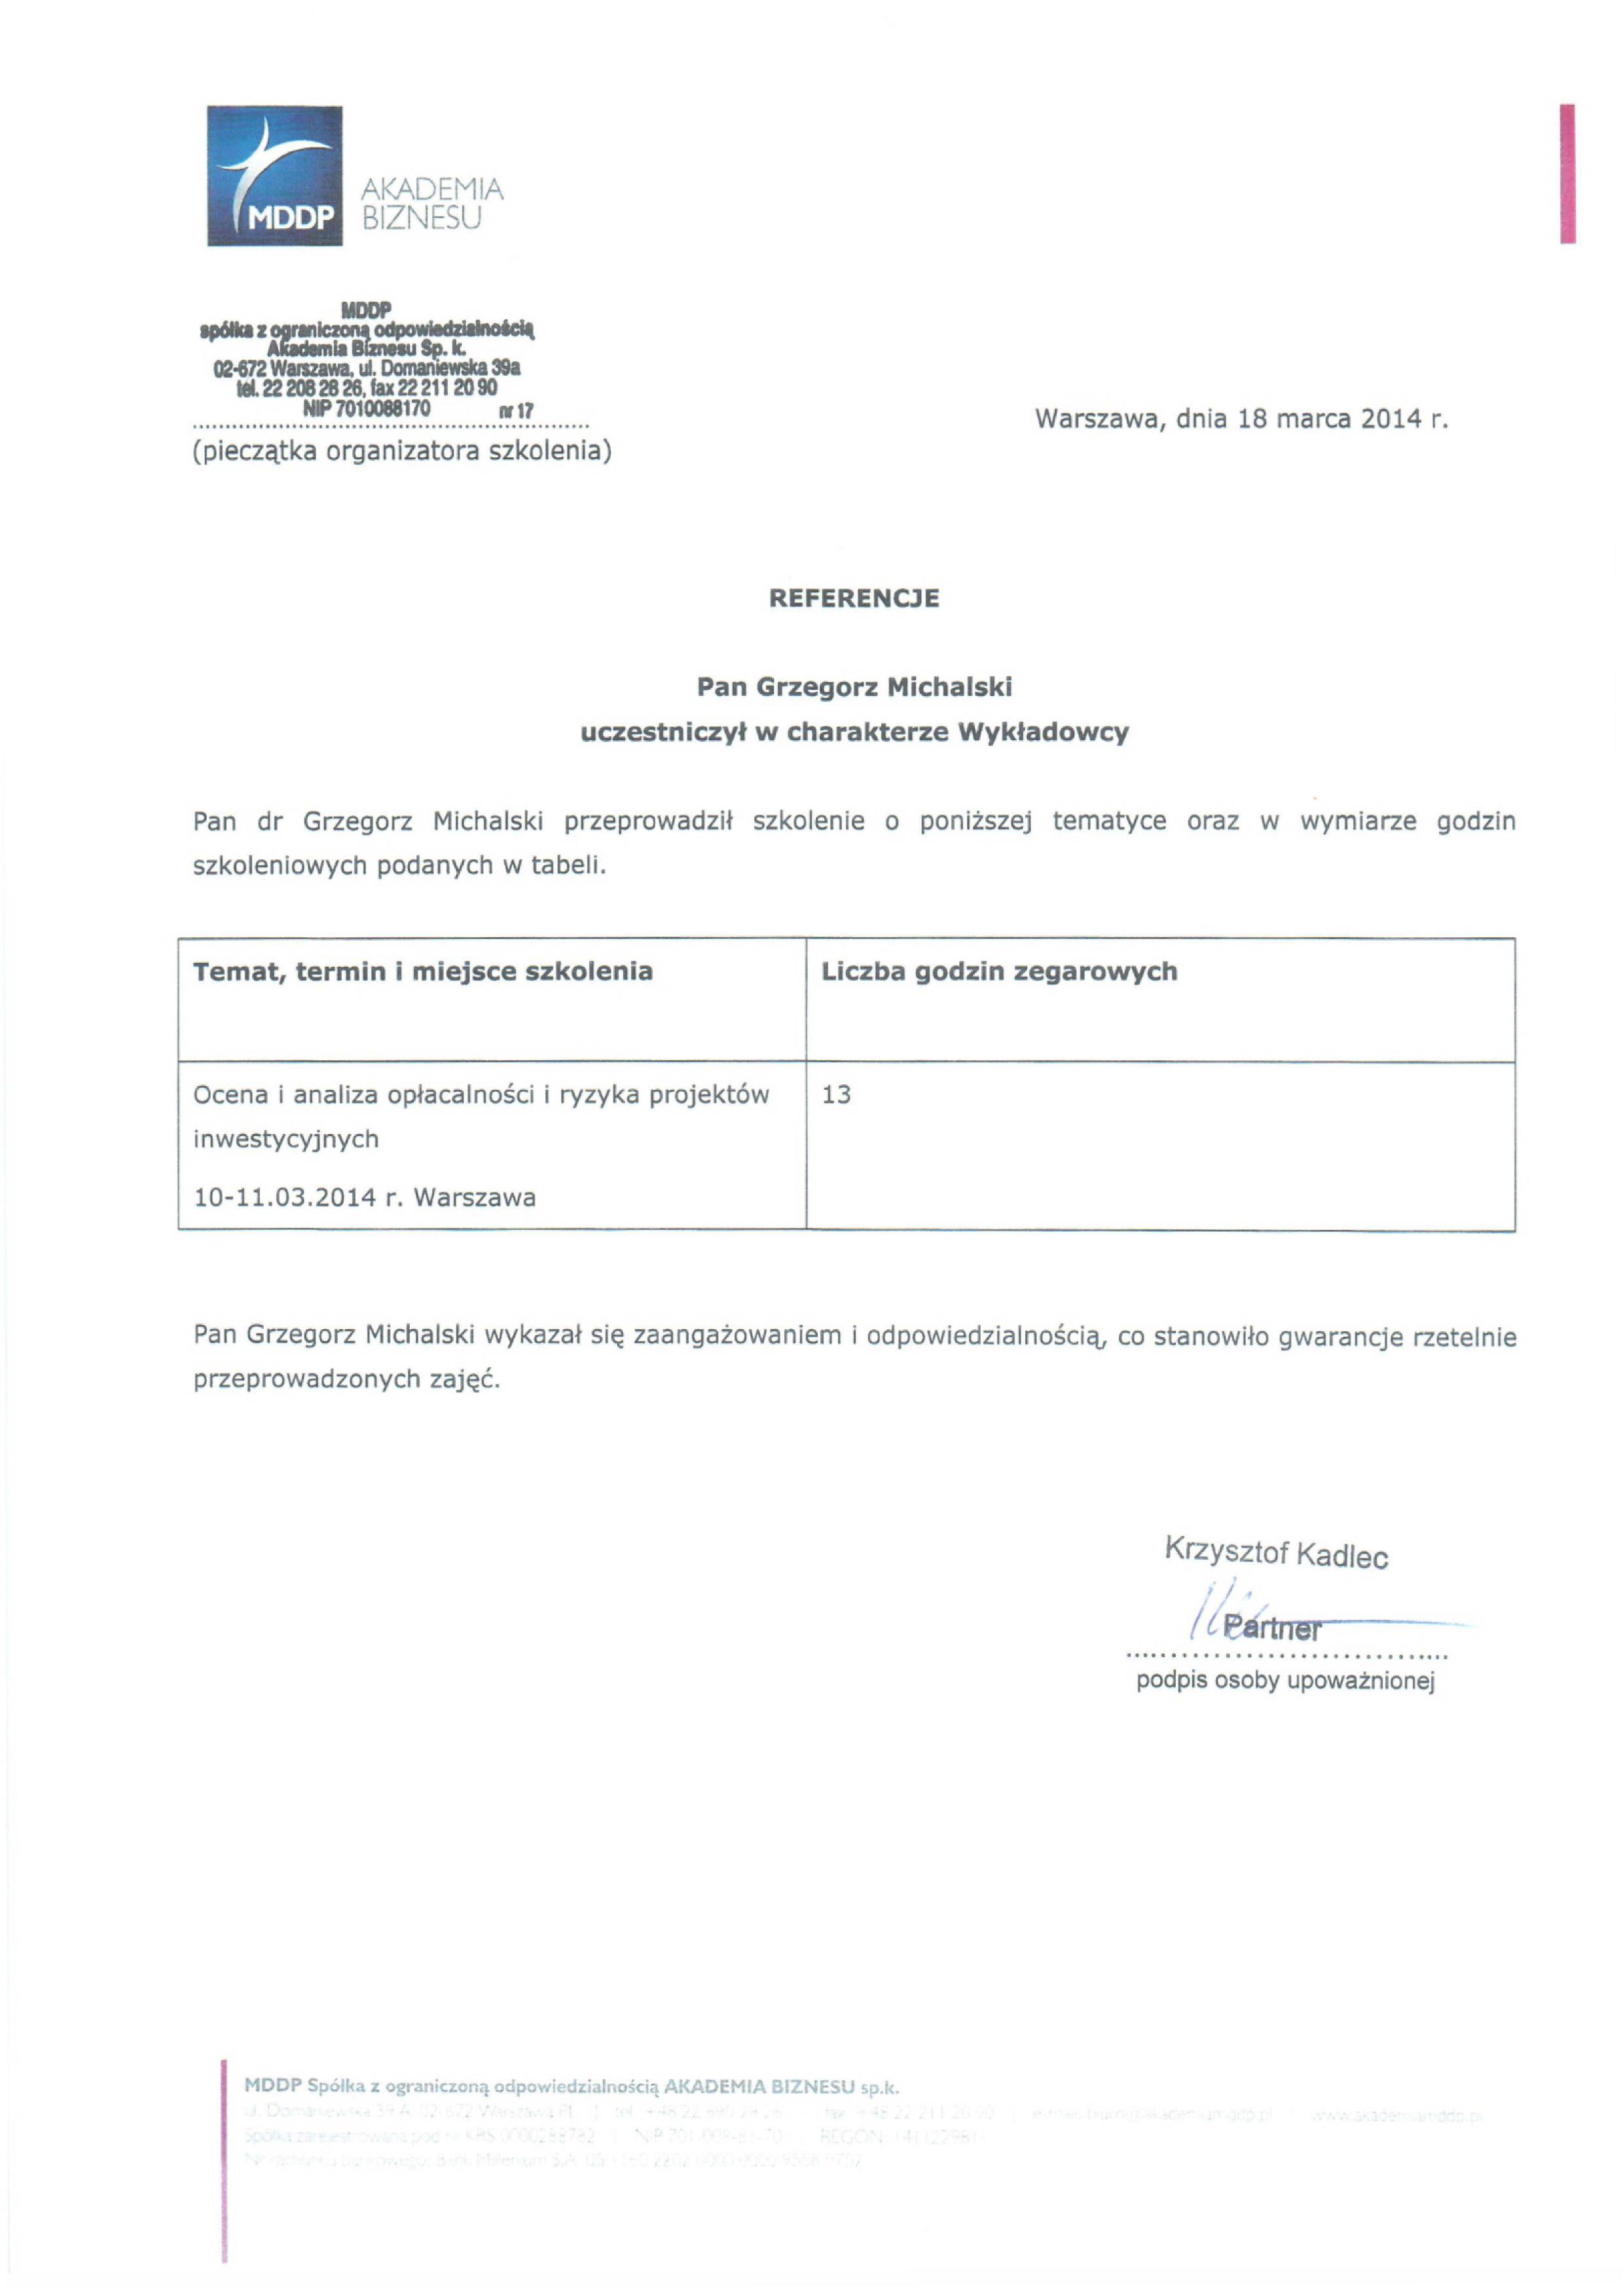 Referencje-michalski-grzegorz-Ocena-Inwestycji-OAORIPIV2014WarszawaEmiTel-2.jpg?=szkolenia